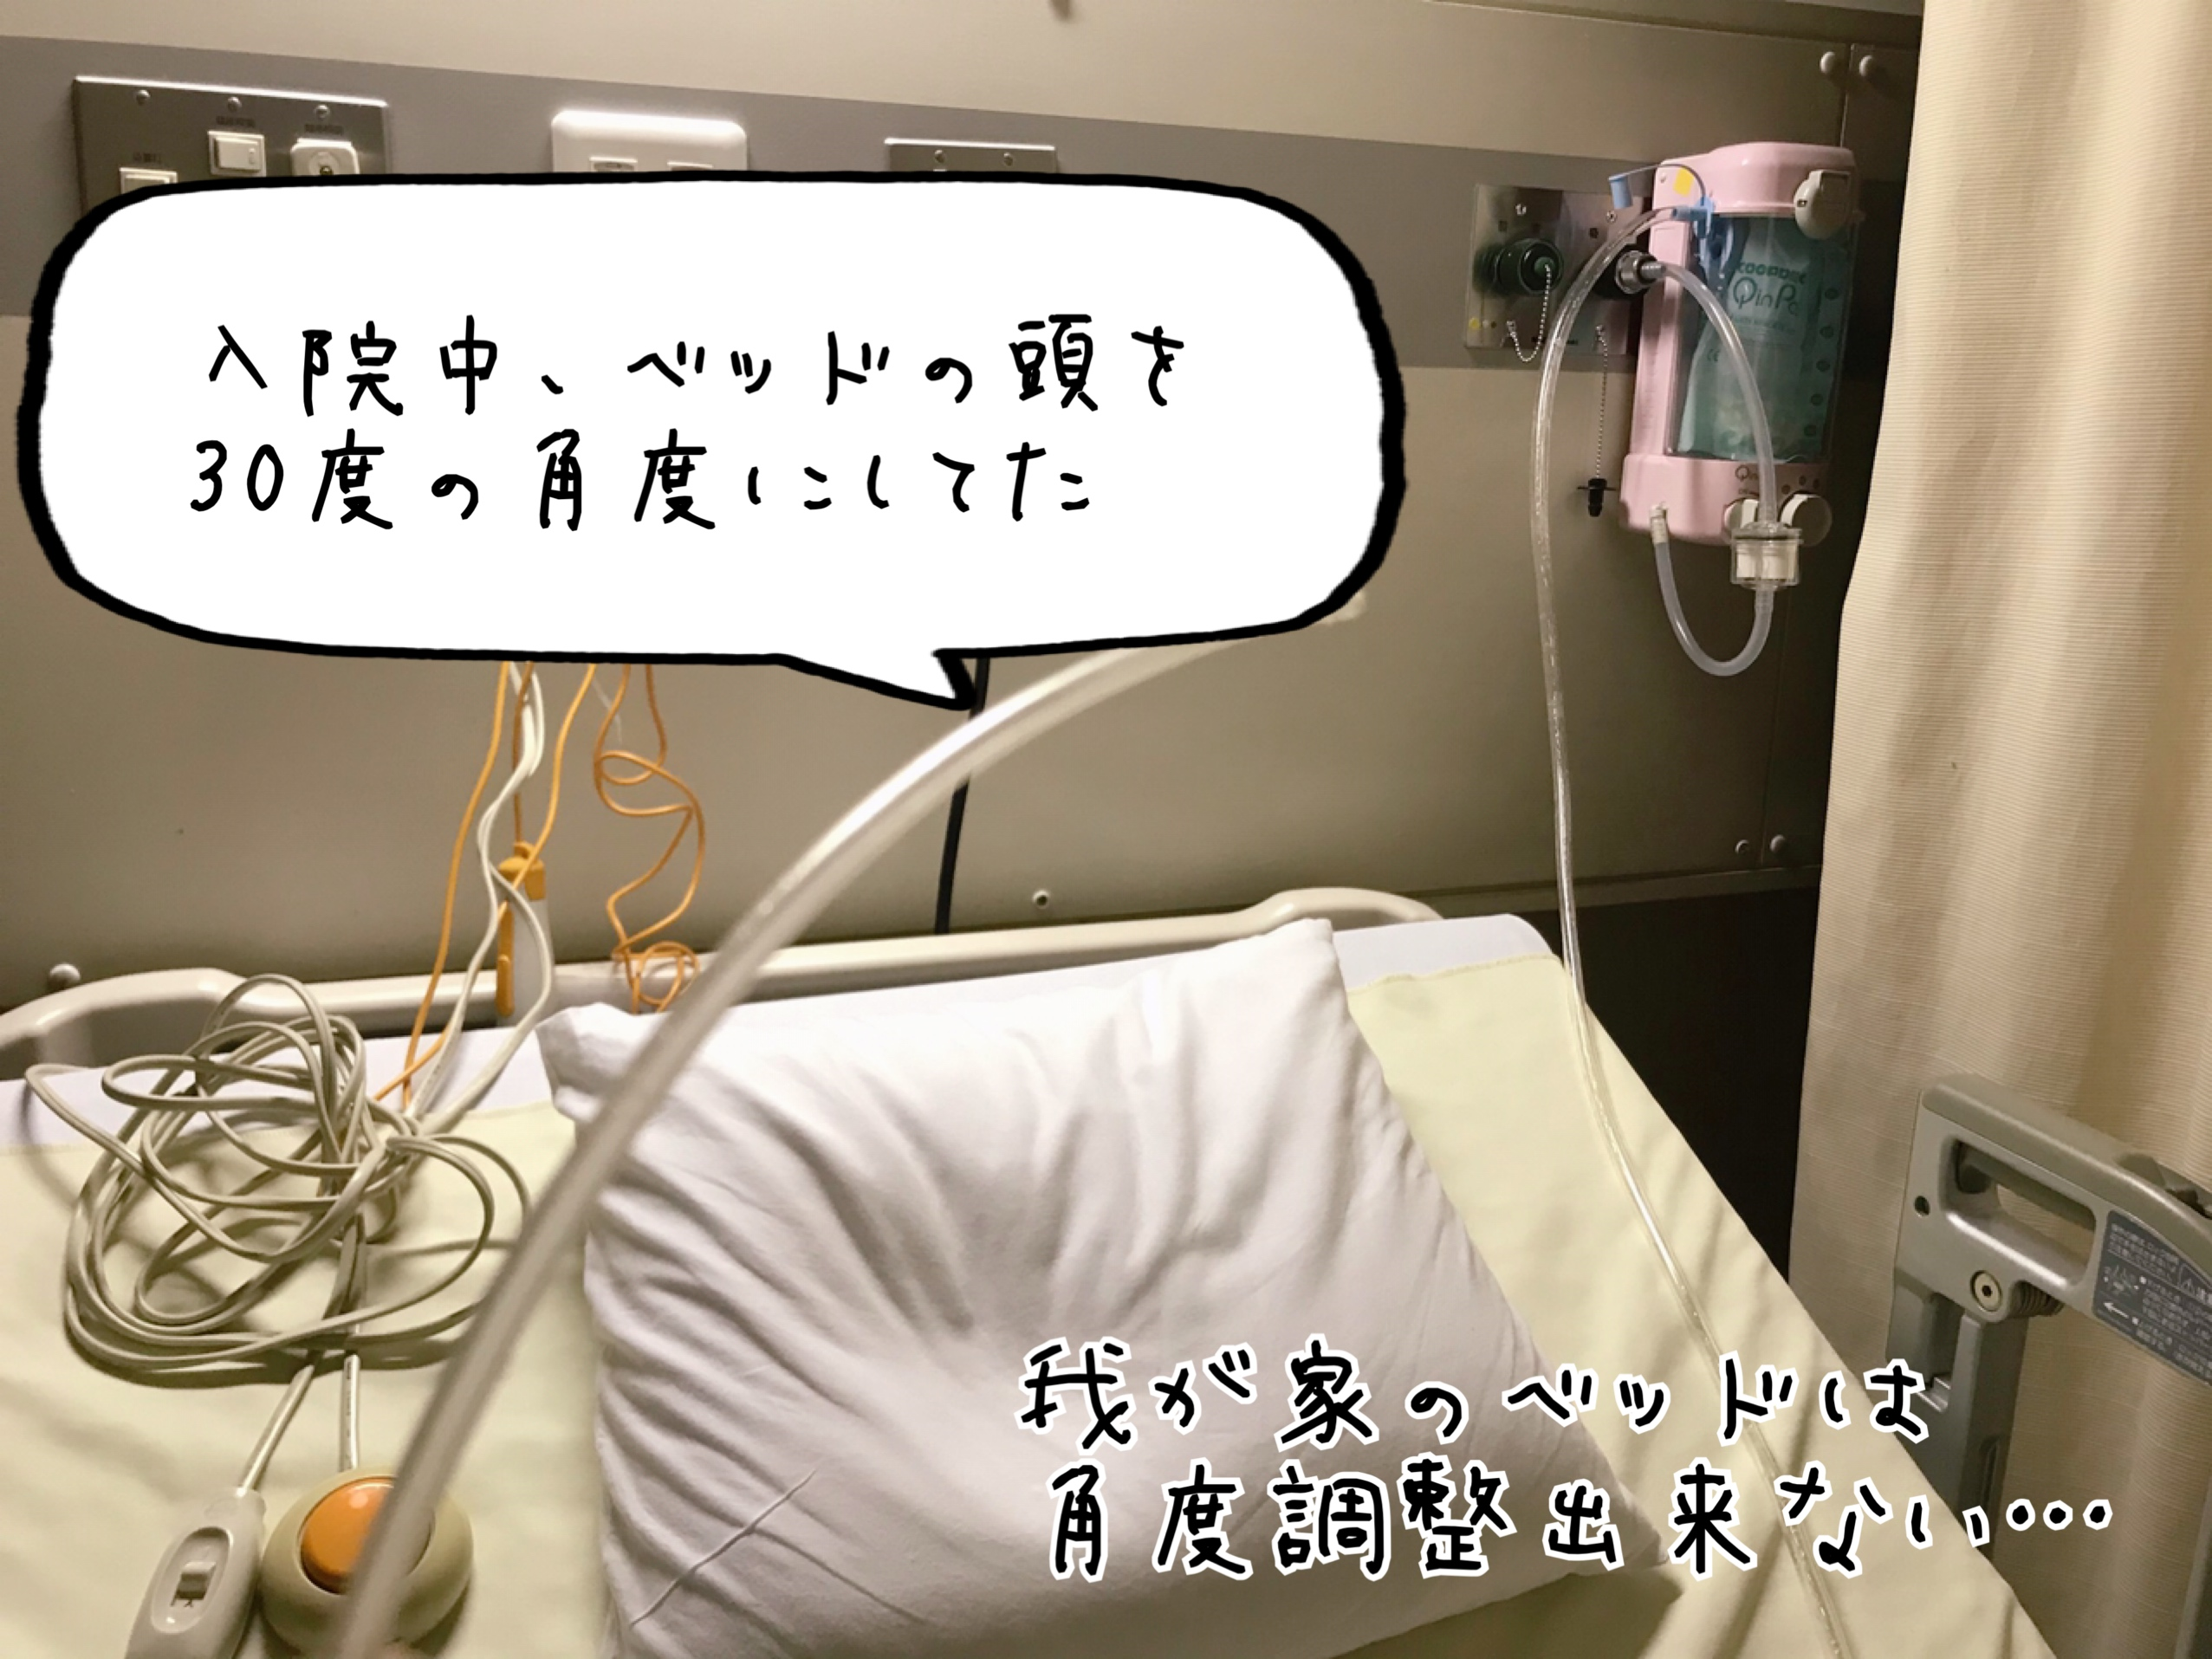 顎変形症手術後は仰向け寝がつらい!